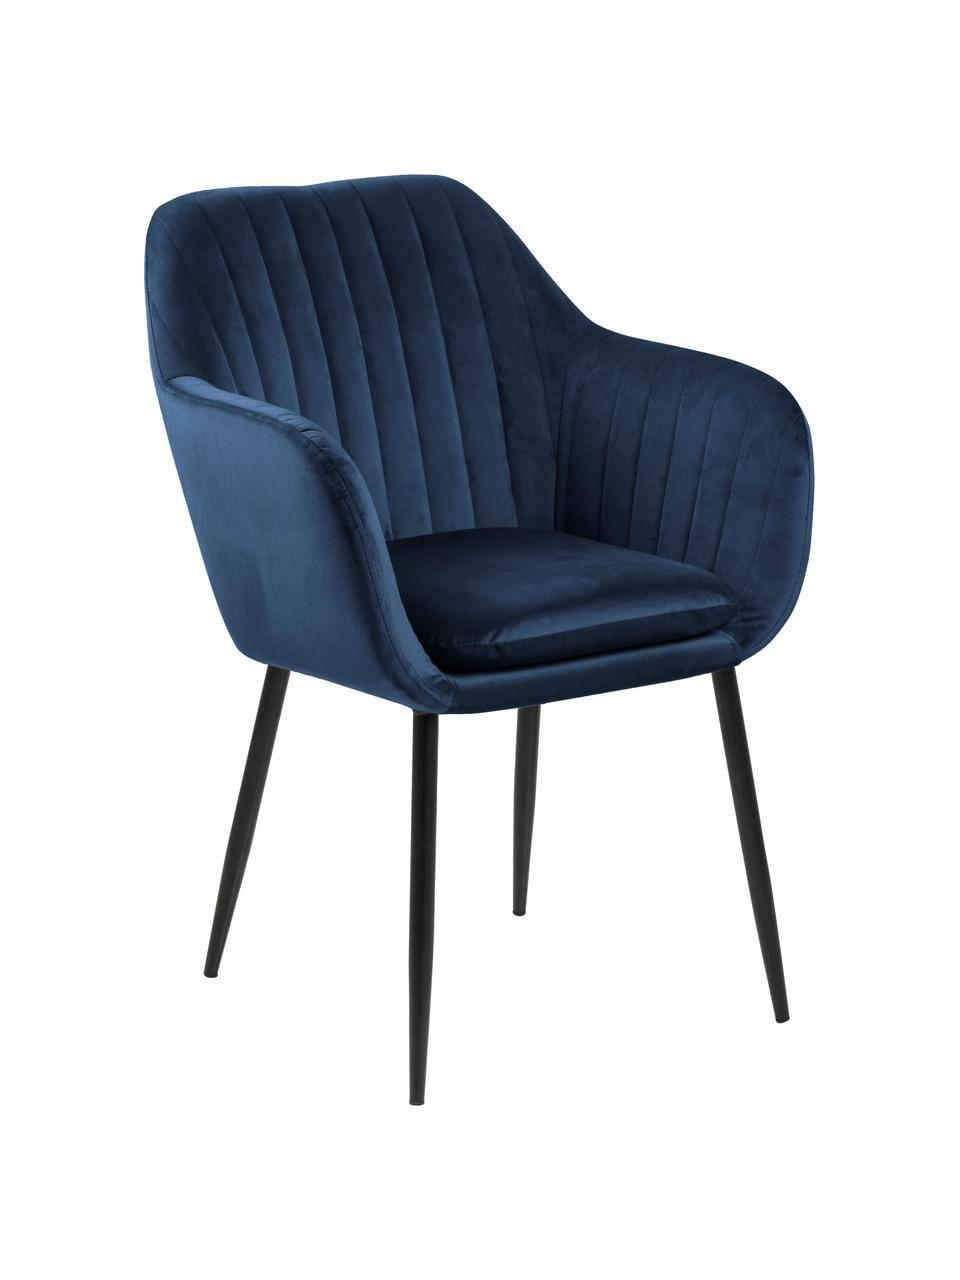 Krzesło z podłokietnikami z aksamitu i metalowymi nogami Emilia, Tapicerka: aksamit poliestrowy Dzięk, Nogi: metal lakierowany, Aksamitny ciemny niebieski, czarny, S 57 x G 59 cm